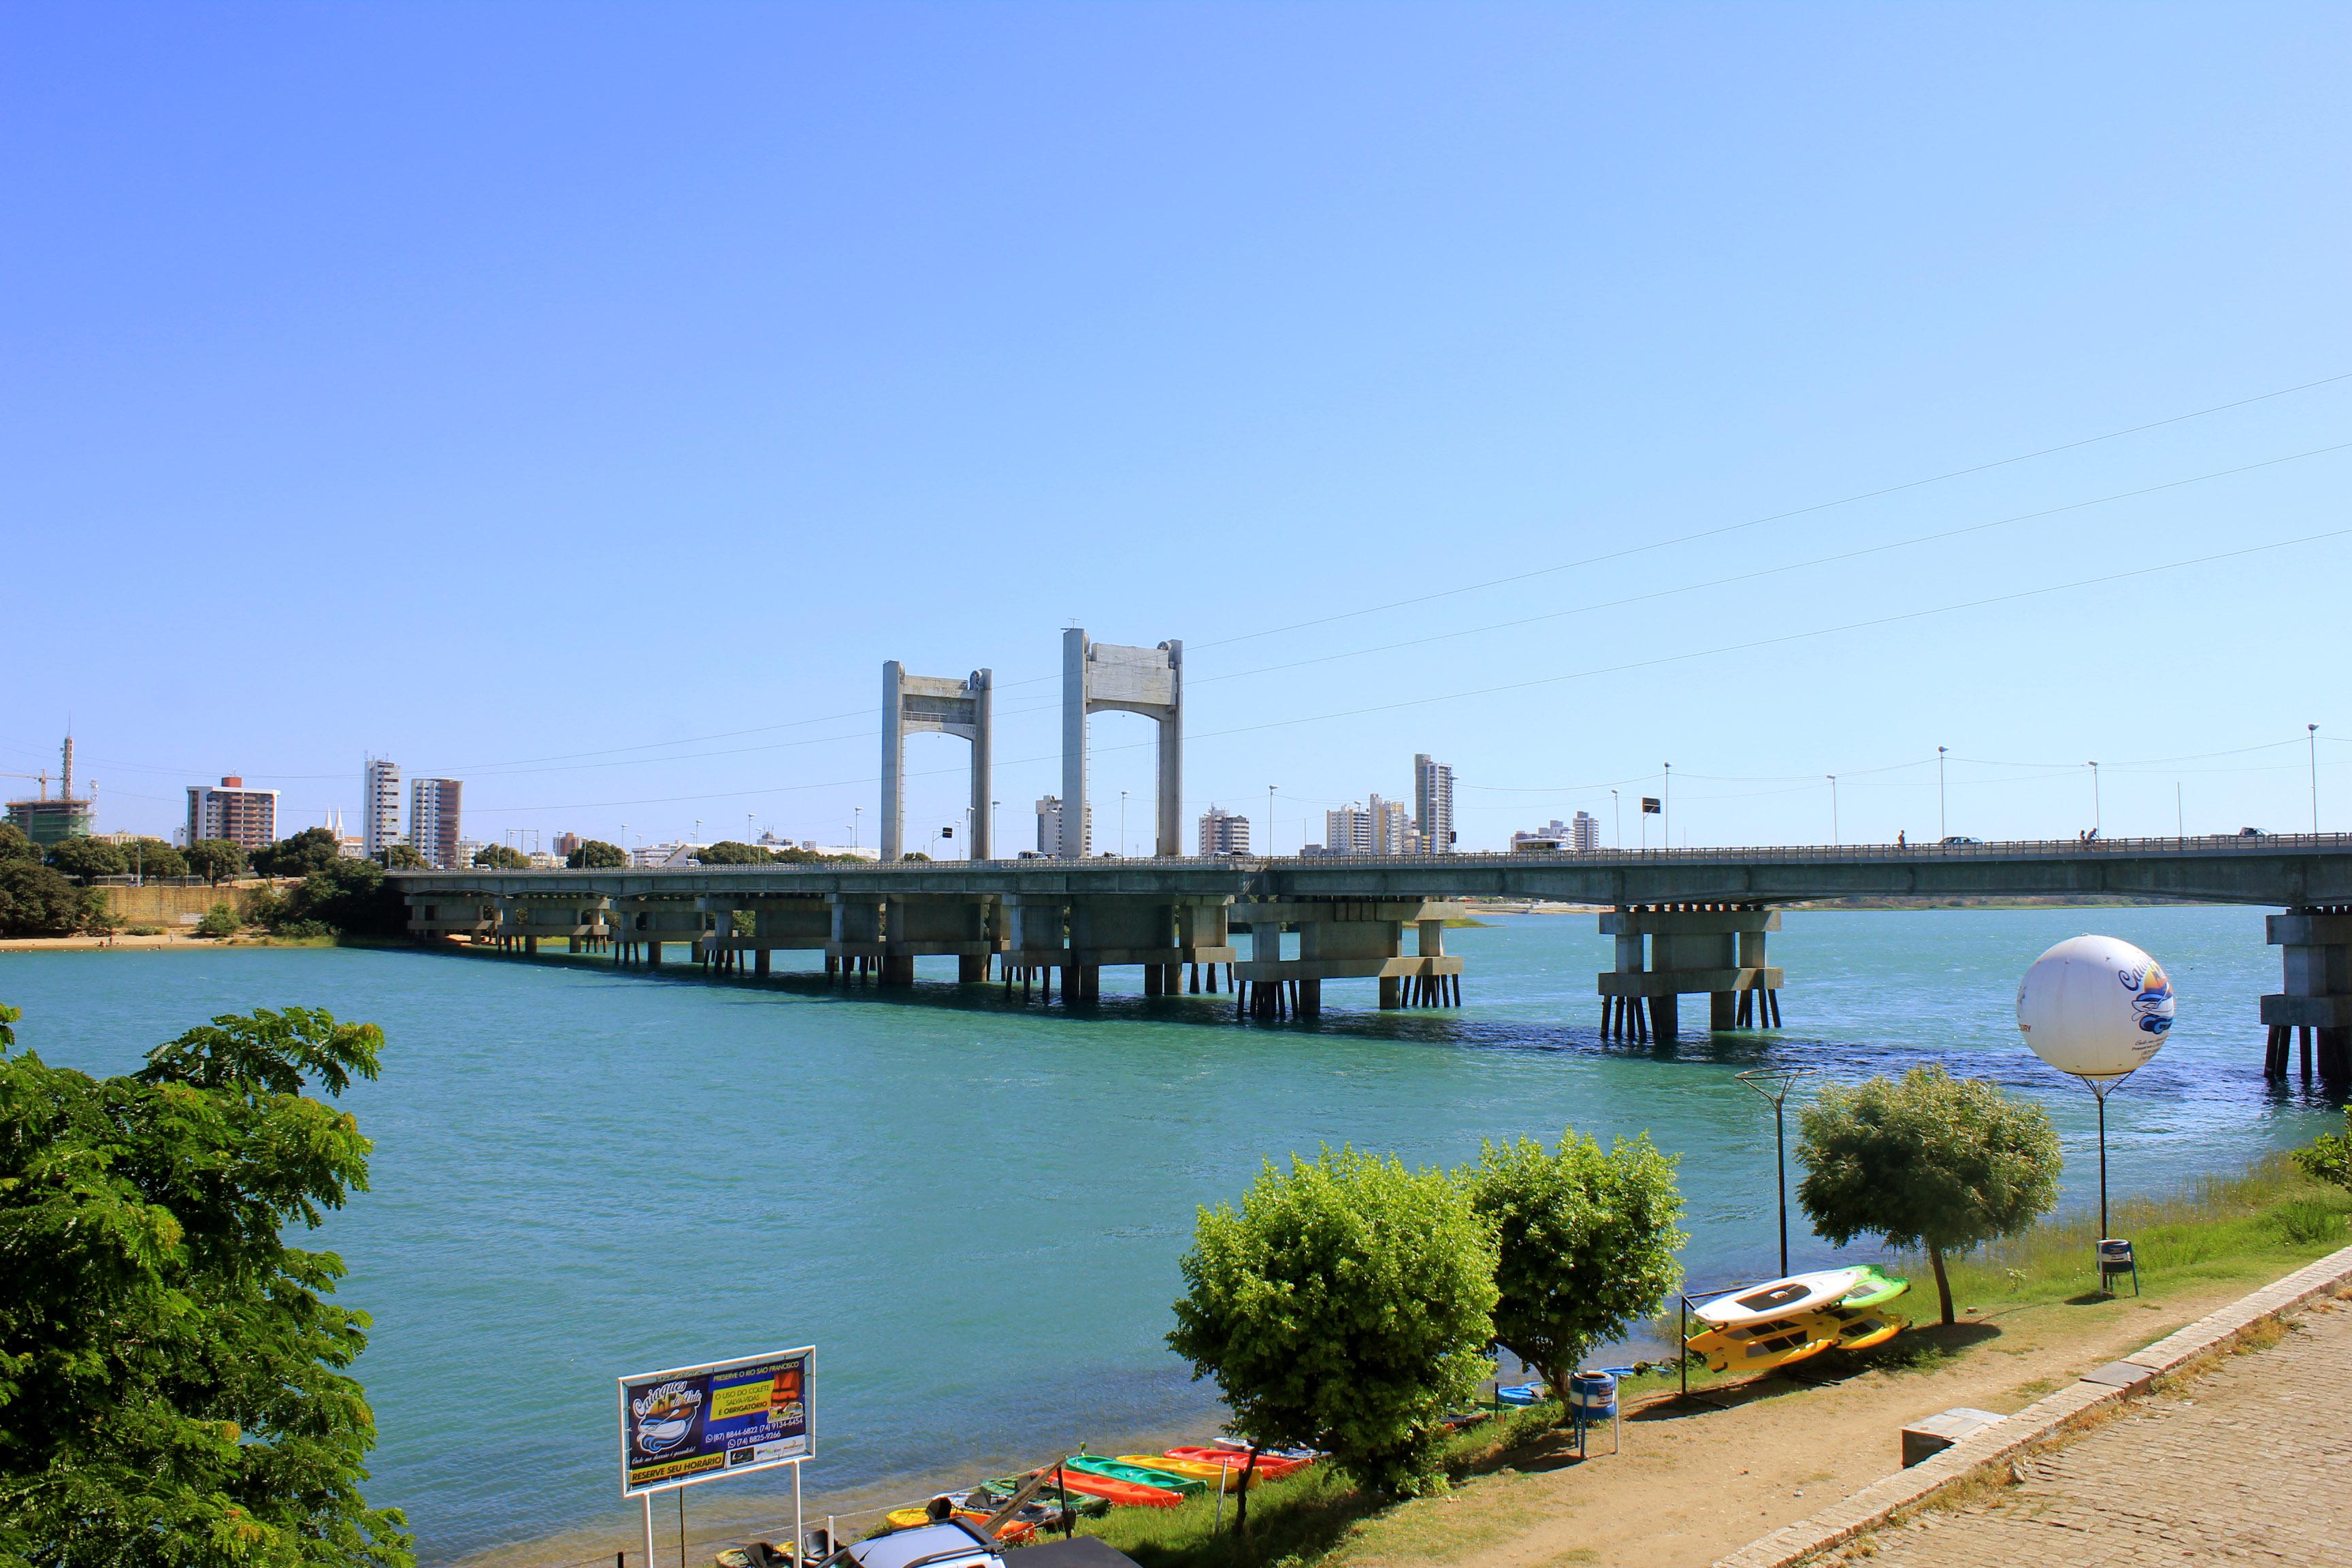 ponte-juazeiro-petrolina